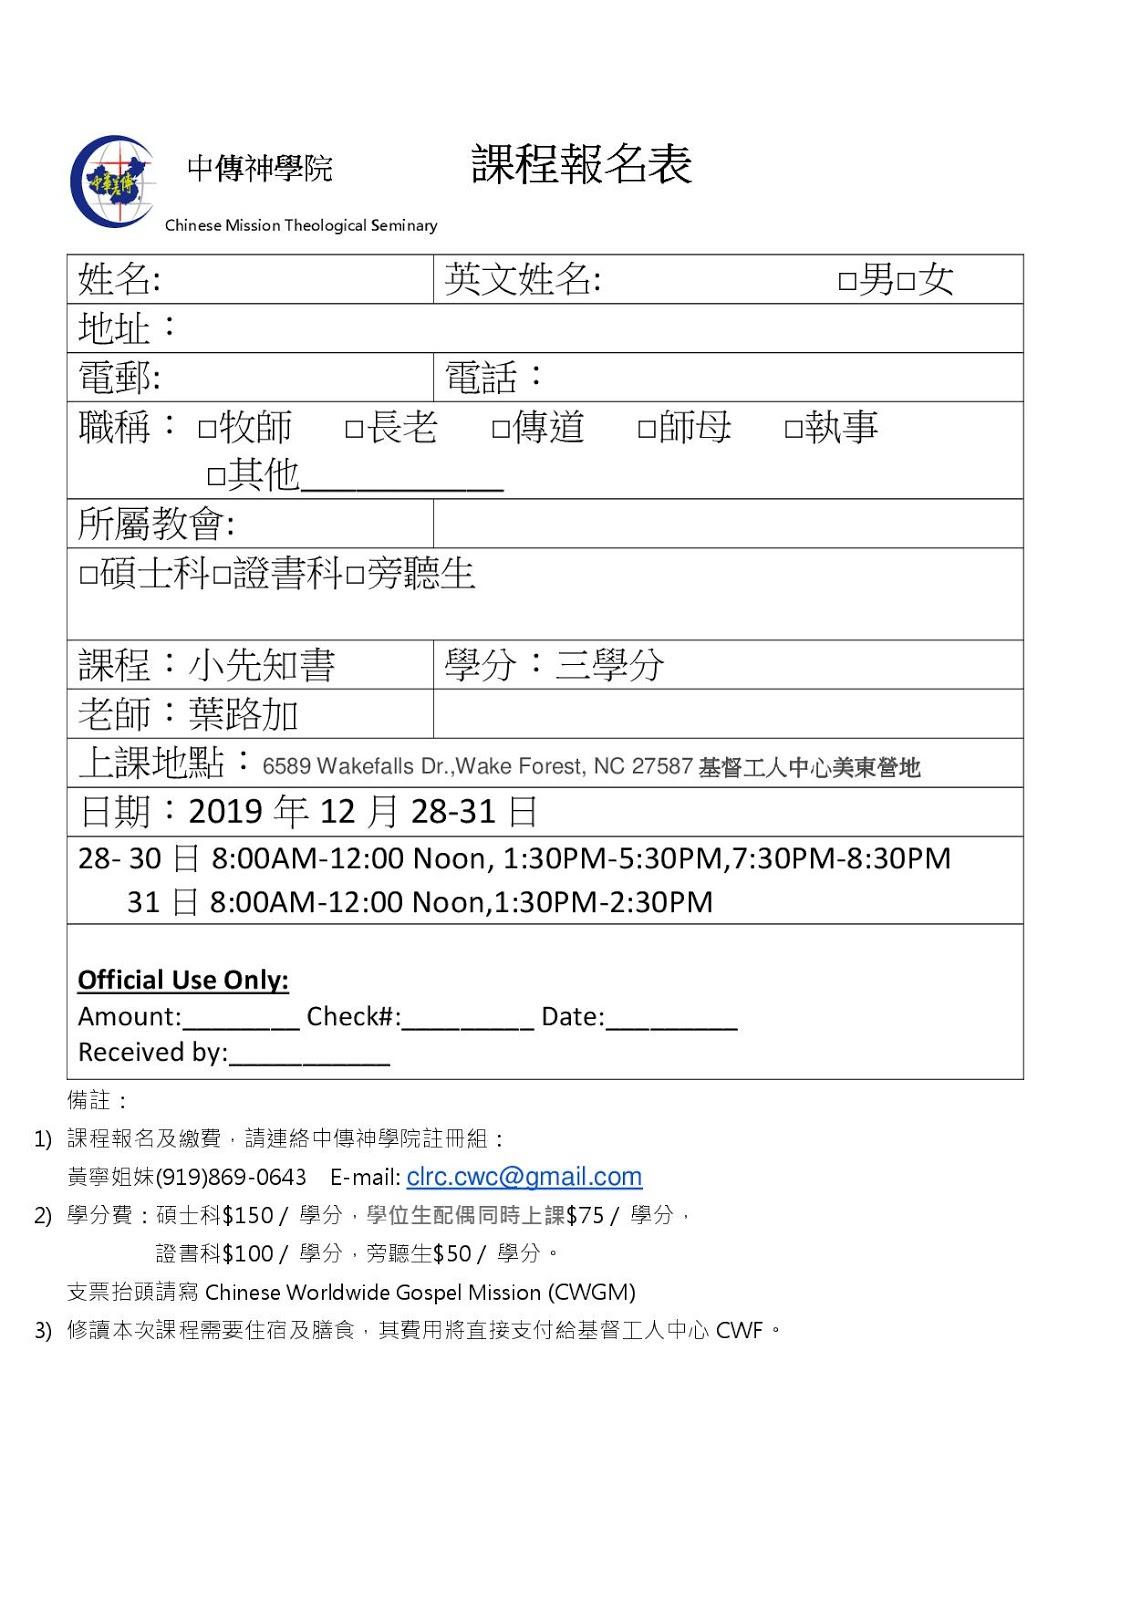 美國課程: 小先知書 - CMTS 中傳神學院